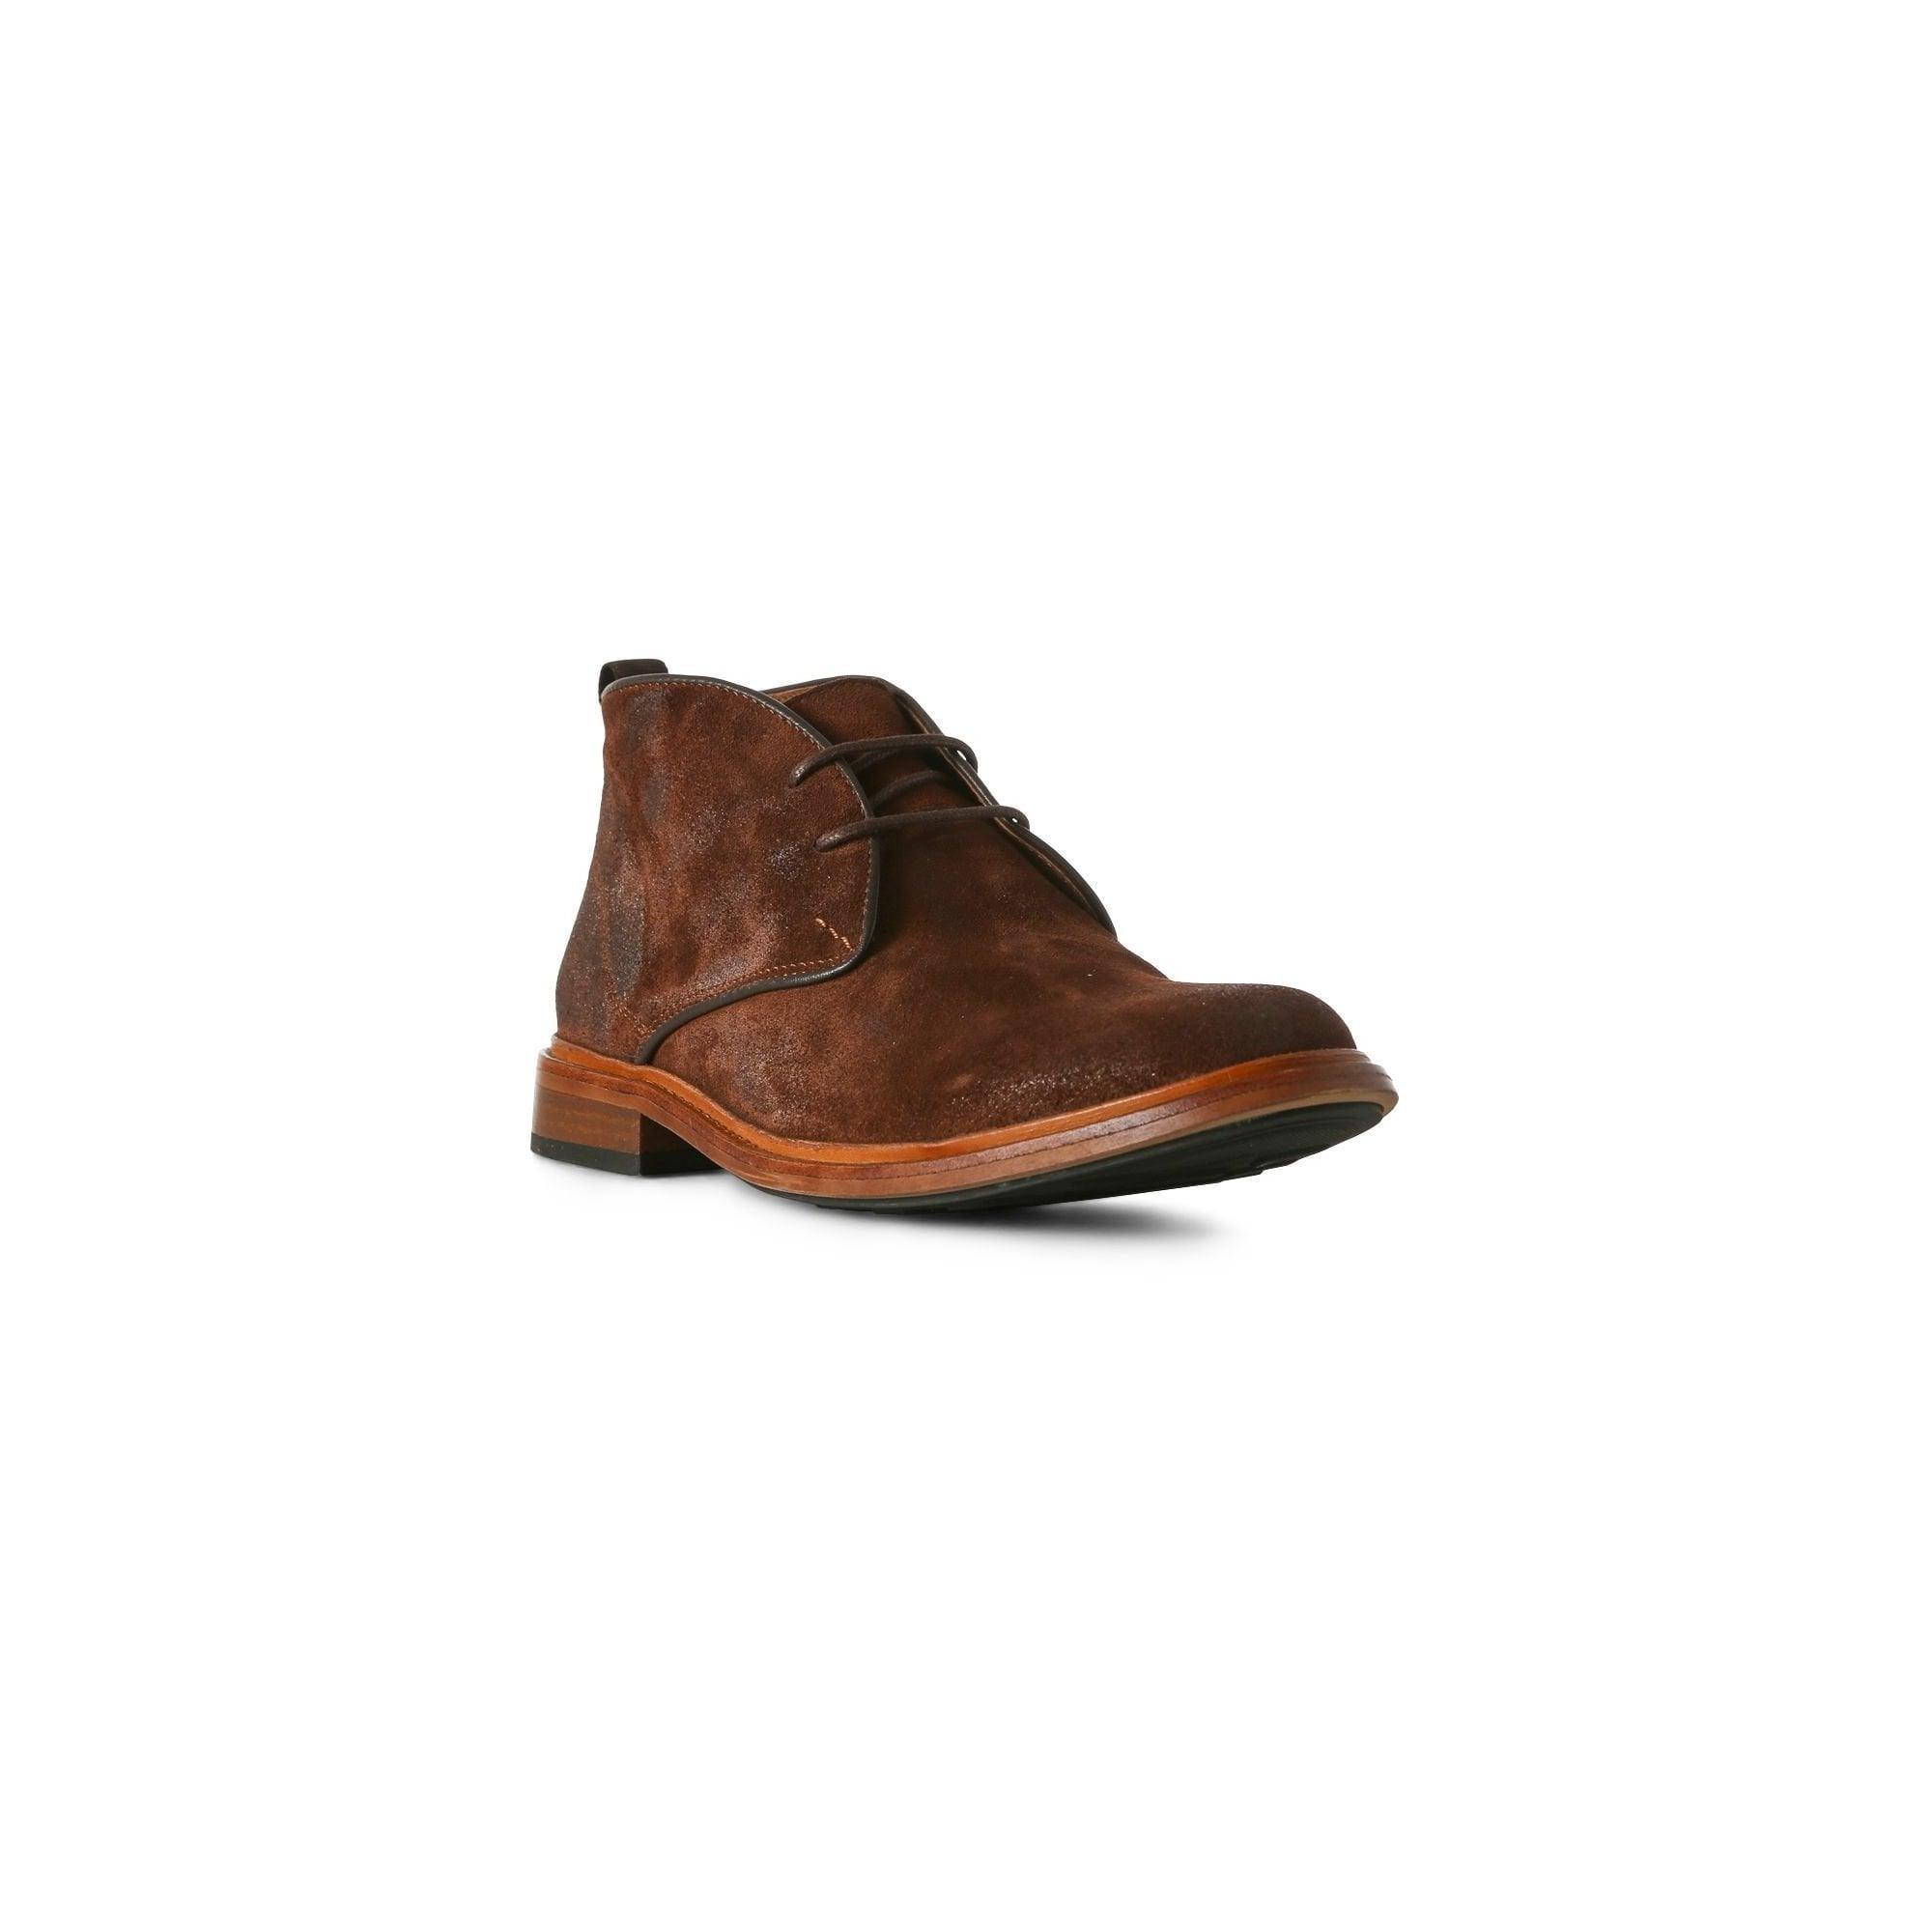 a87e177c6fa Dalton Suede Chukka Boot in Dark Brown